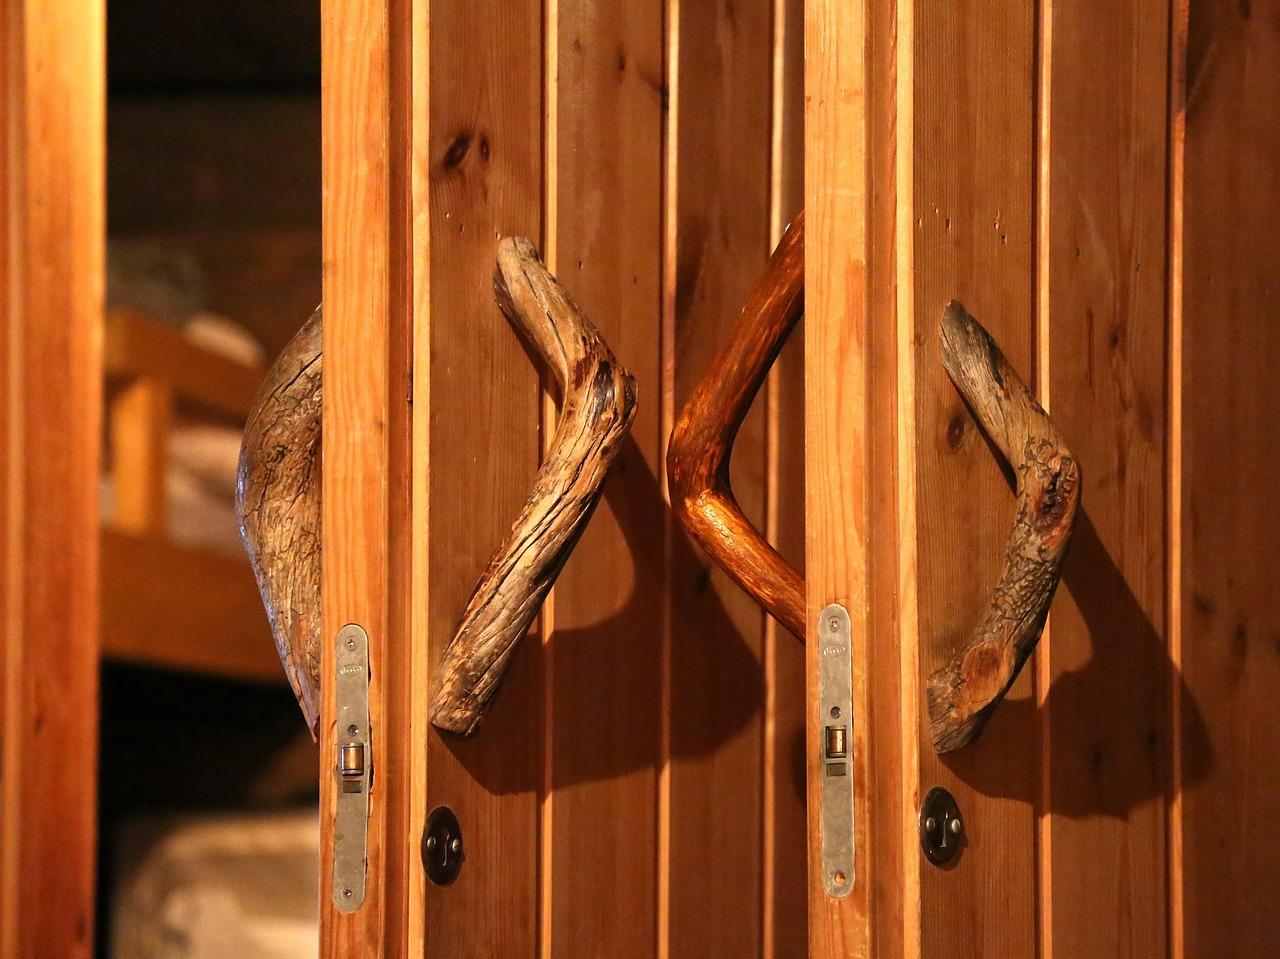 Winter in Finnisch Lappland: Aufwärmung findest du in der Finnischen Sauna inklusive Bier und Unterhaltung.